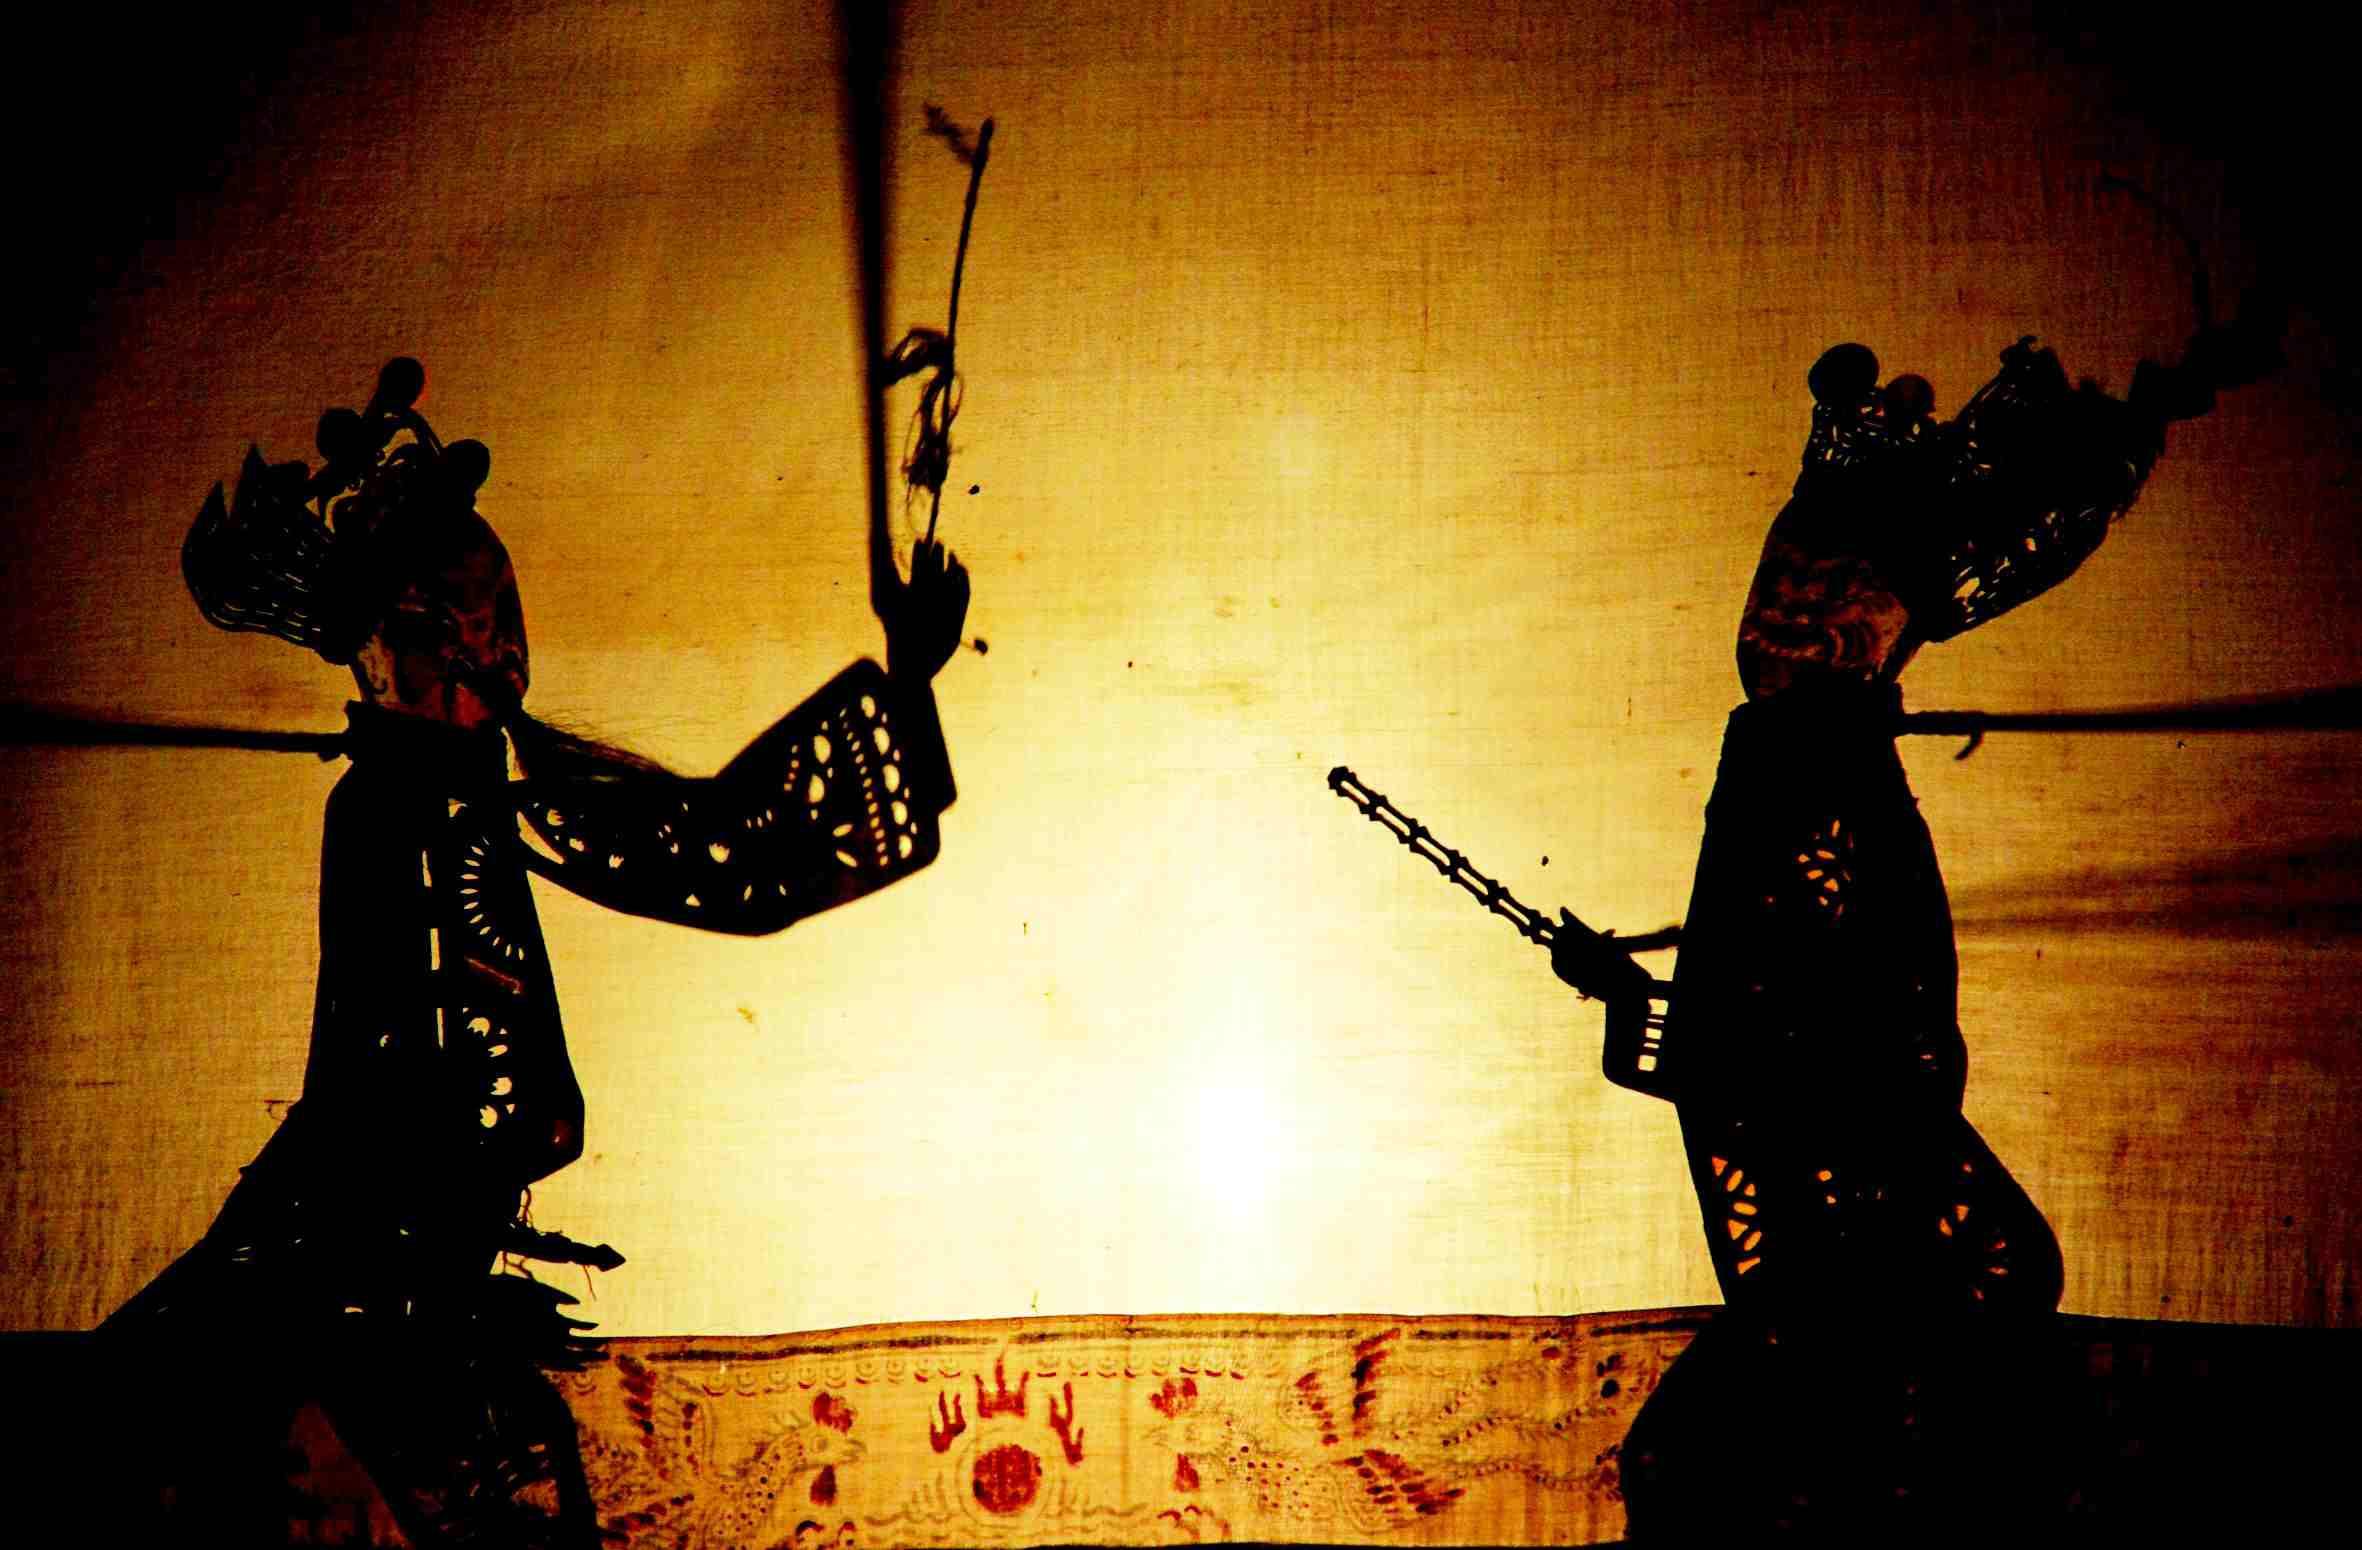 中国传统花纹戏剧剪影